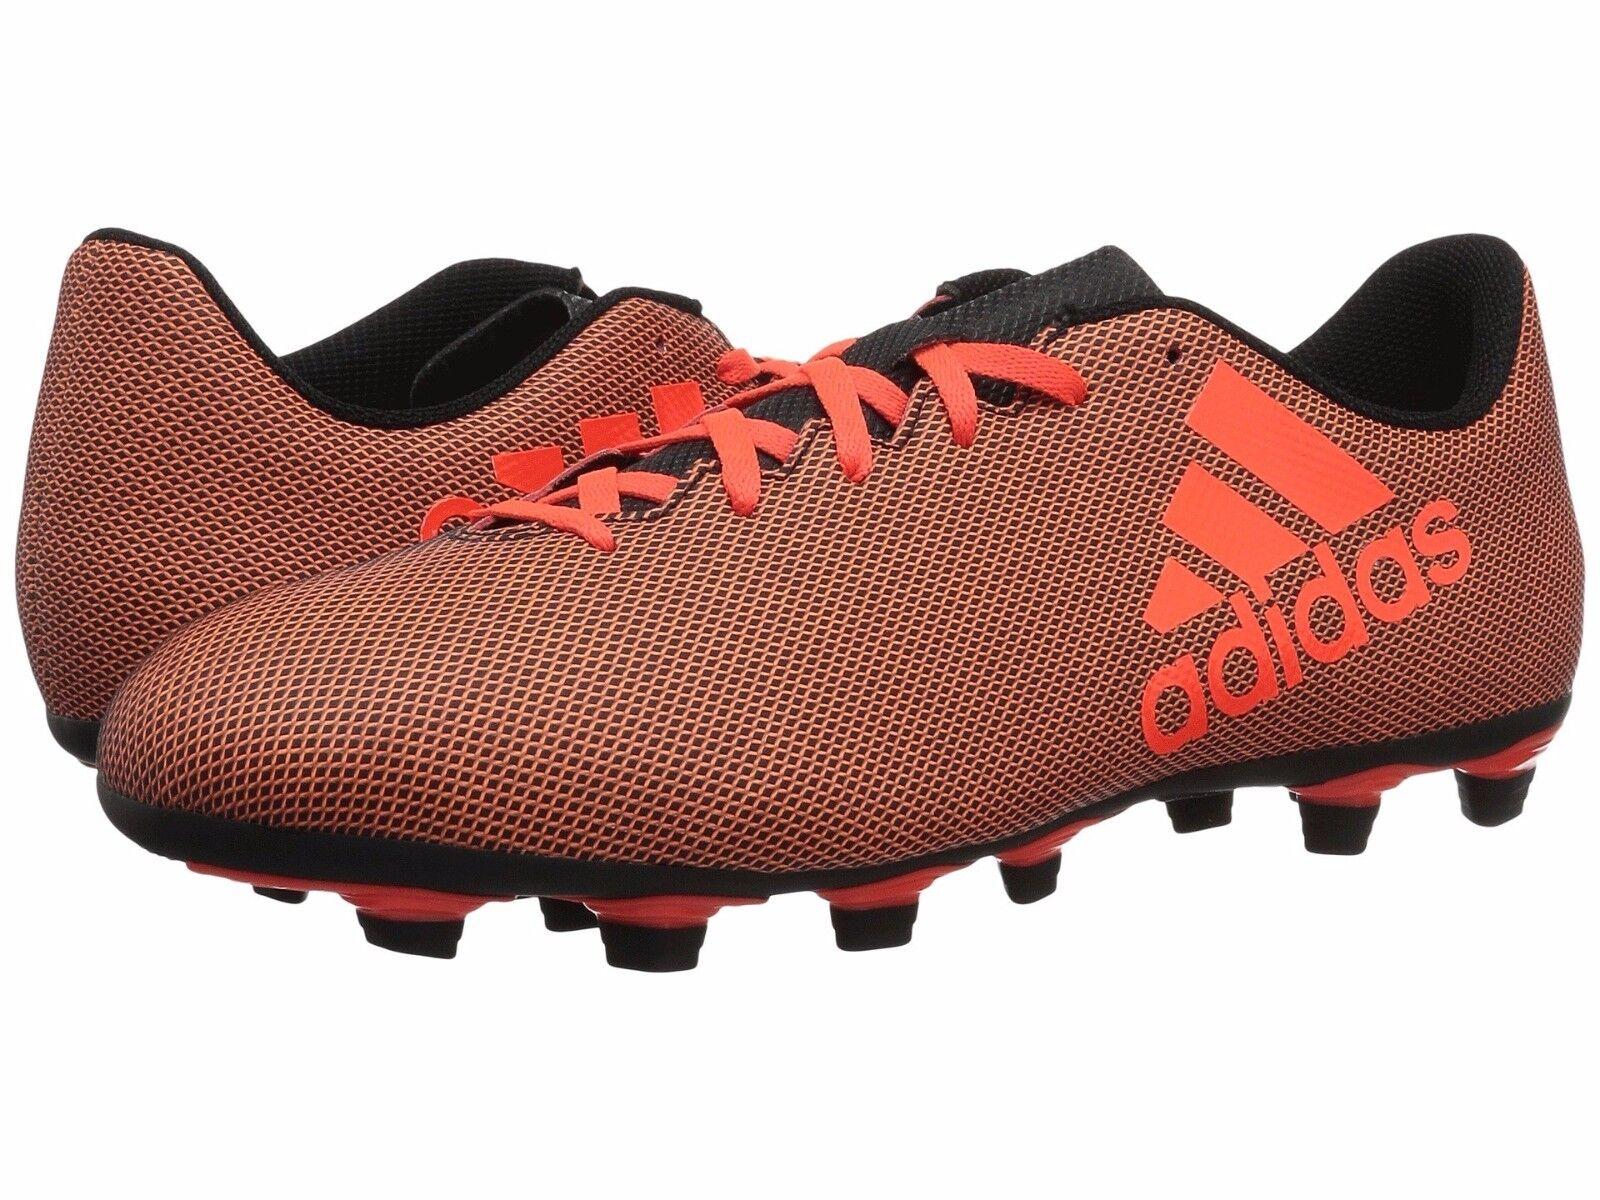 Mann adidas fußballschuh leistung schwarz x 17,4 fxg s82400 schwarz leistung / solar ROT / solar neue 51b20c